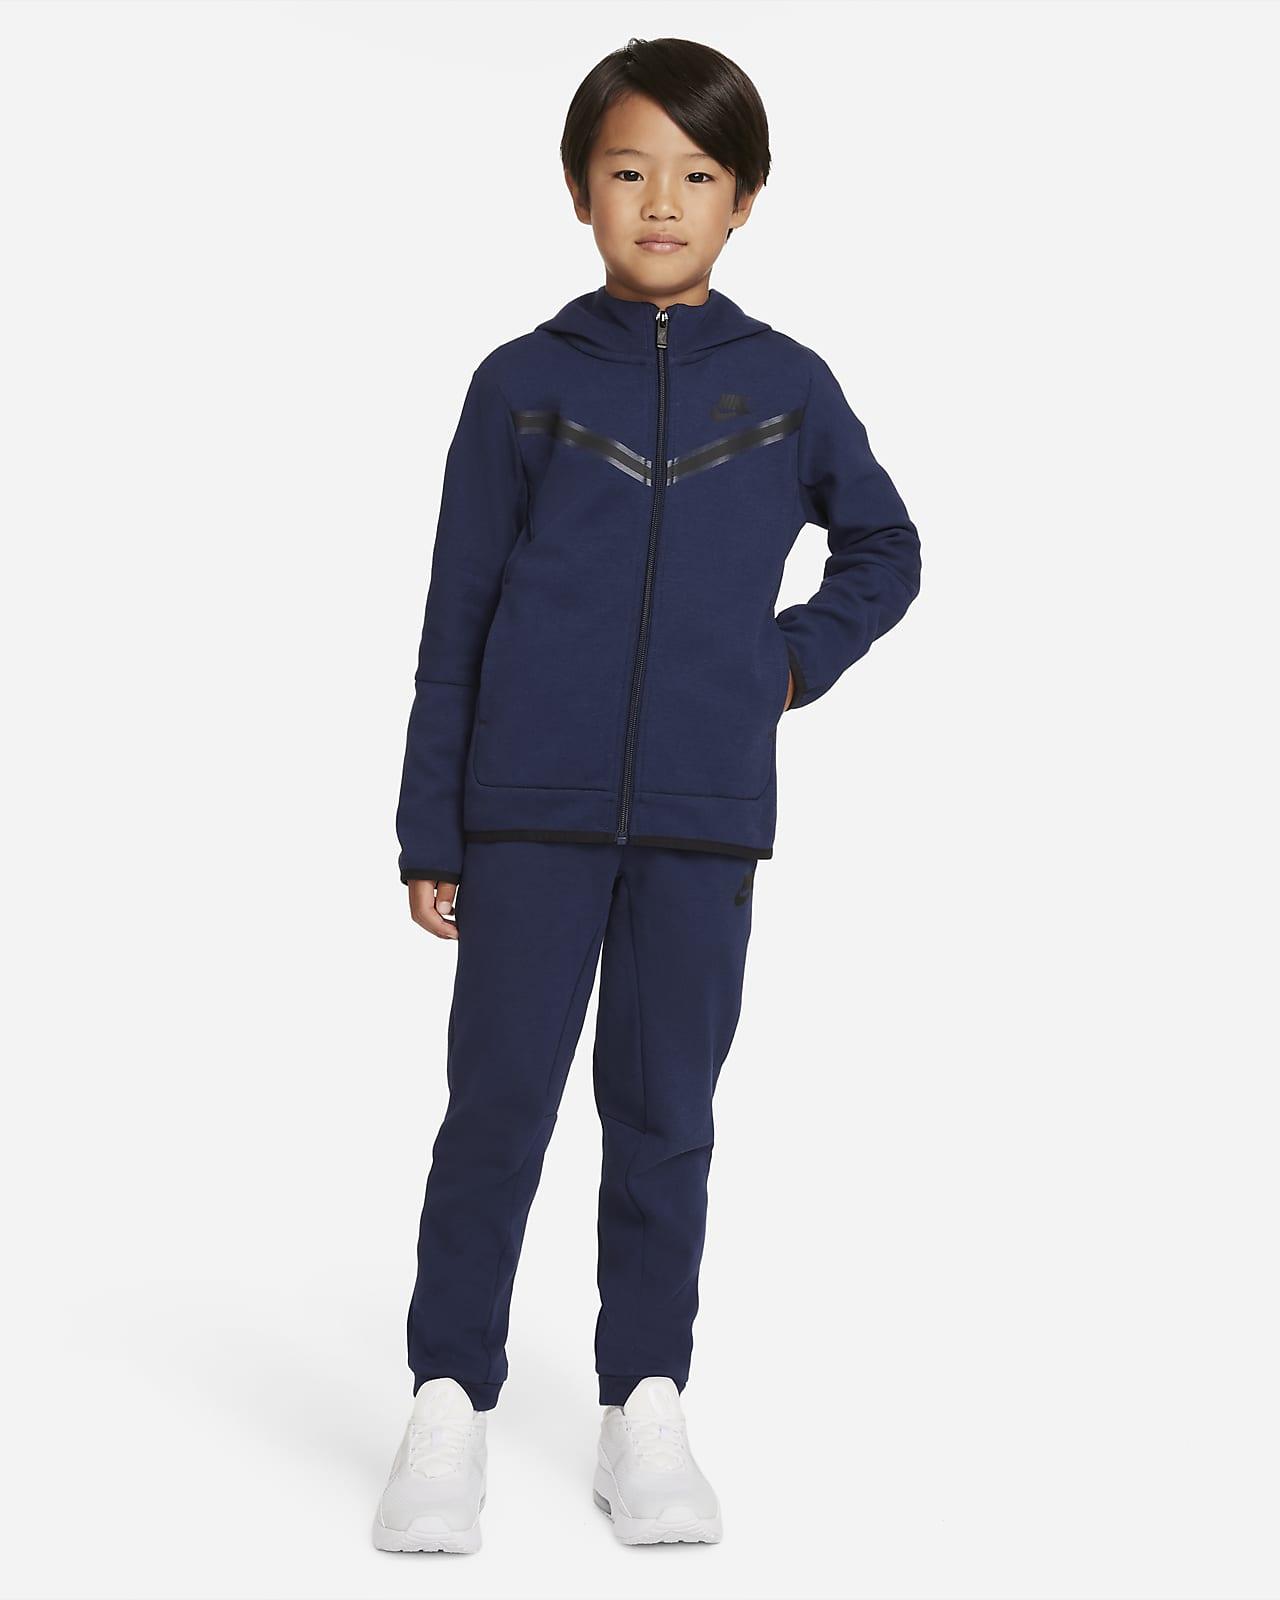 Nike Sportswear Tech Fleece Little Kids' Jacket and Pants Set